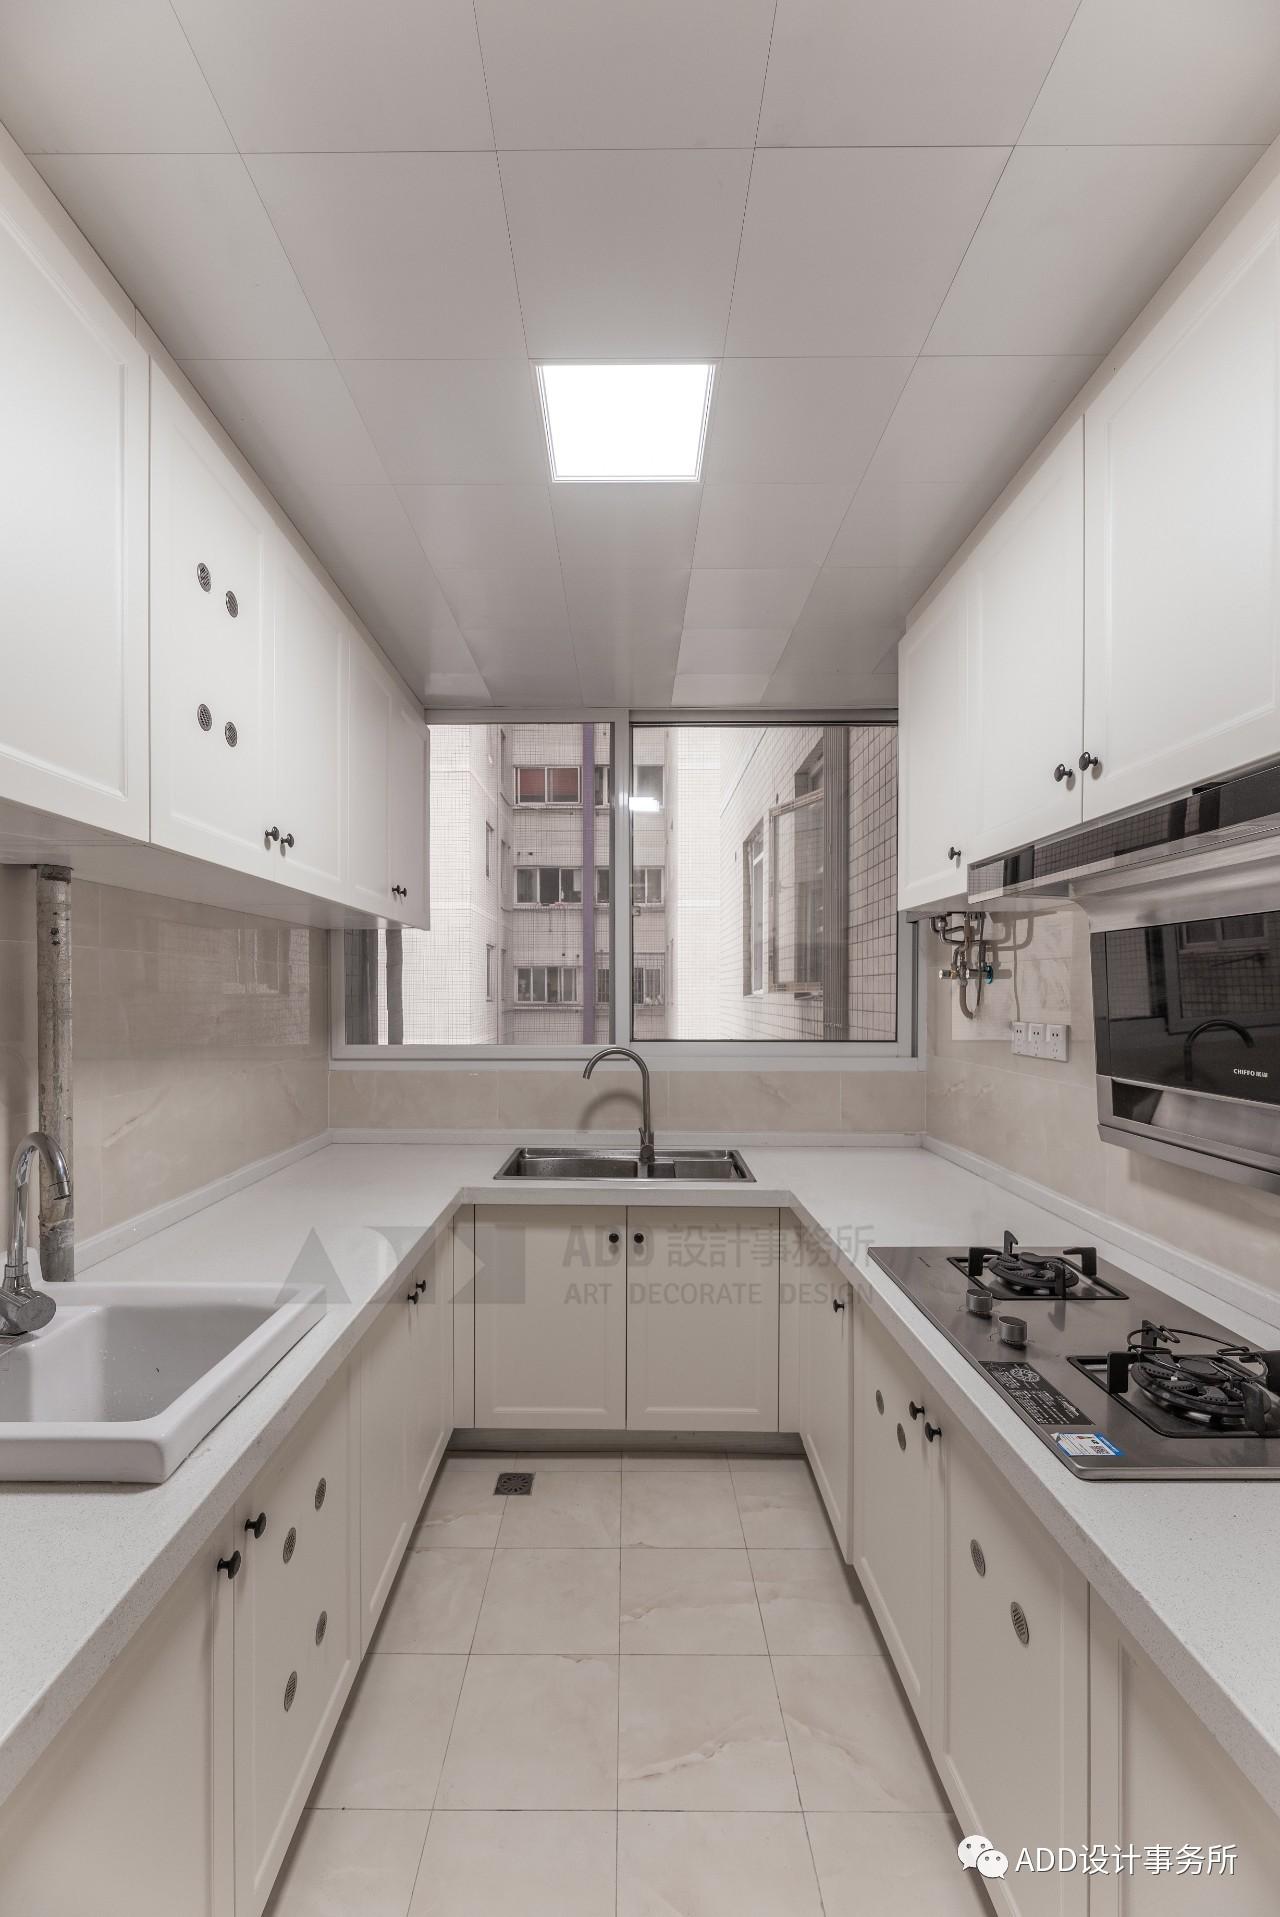 现代美式三居厨房装修效果图